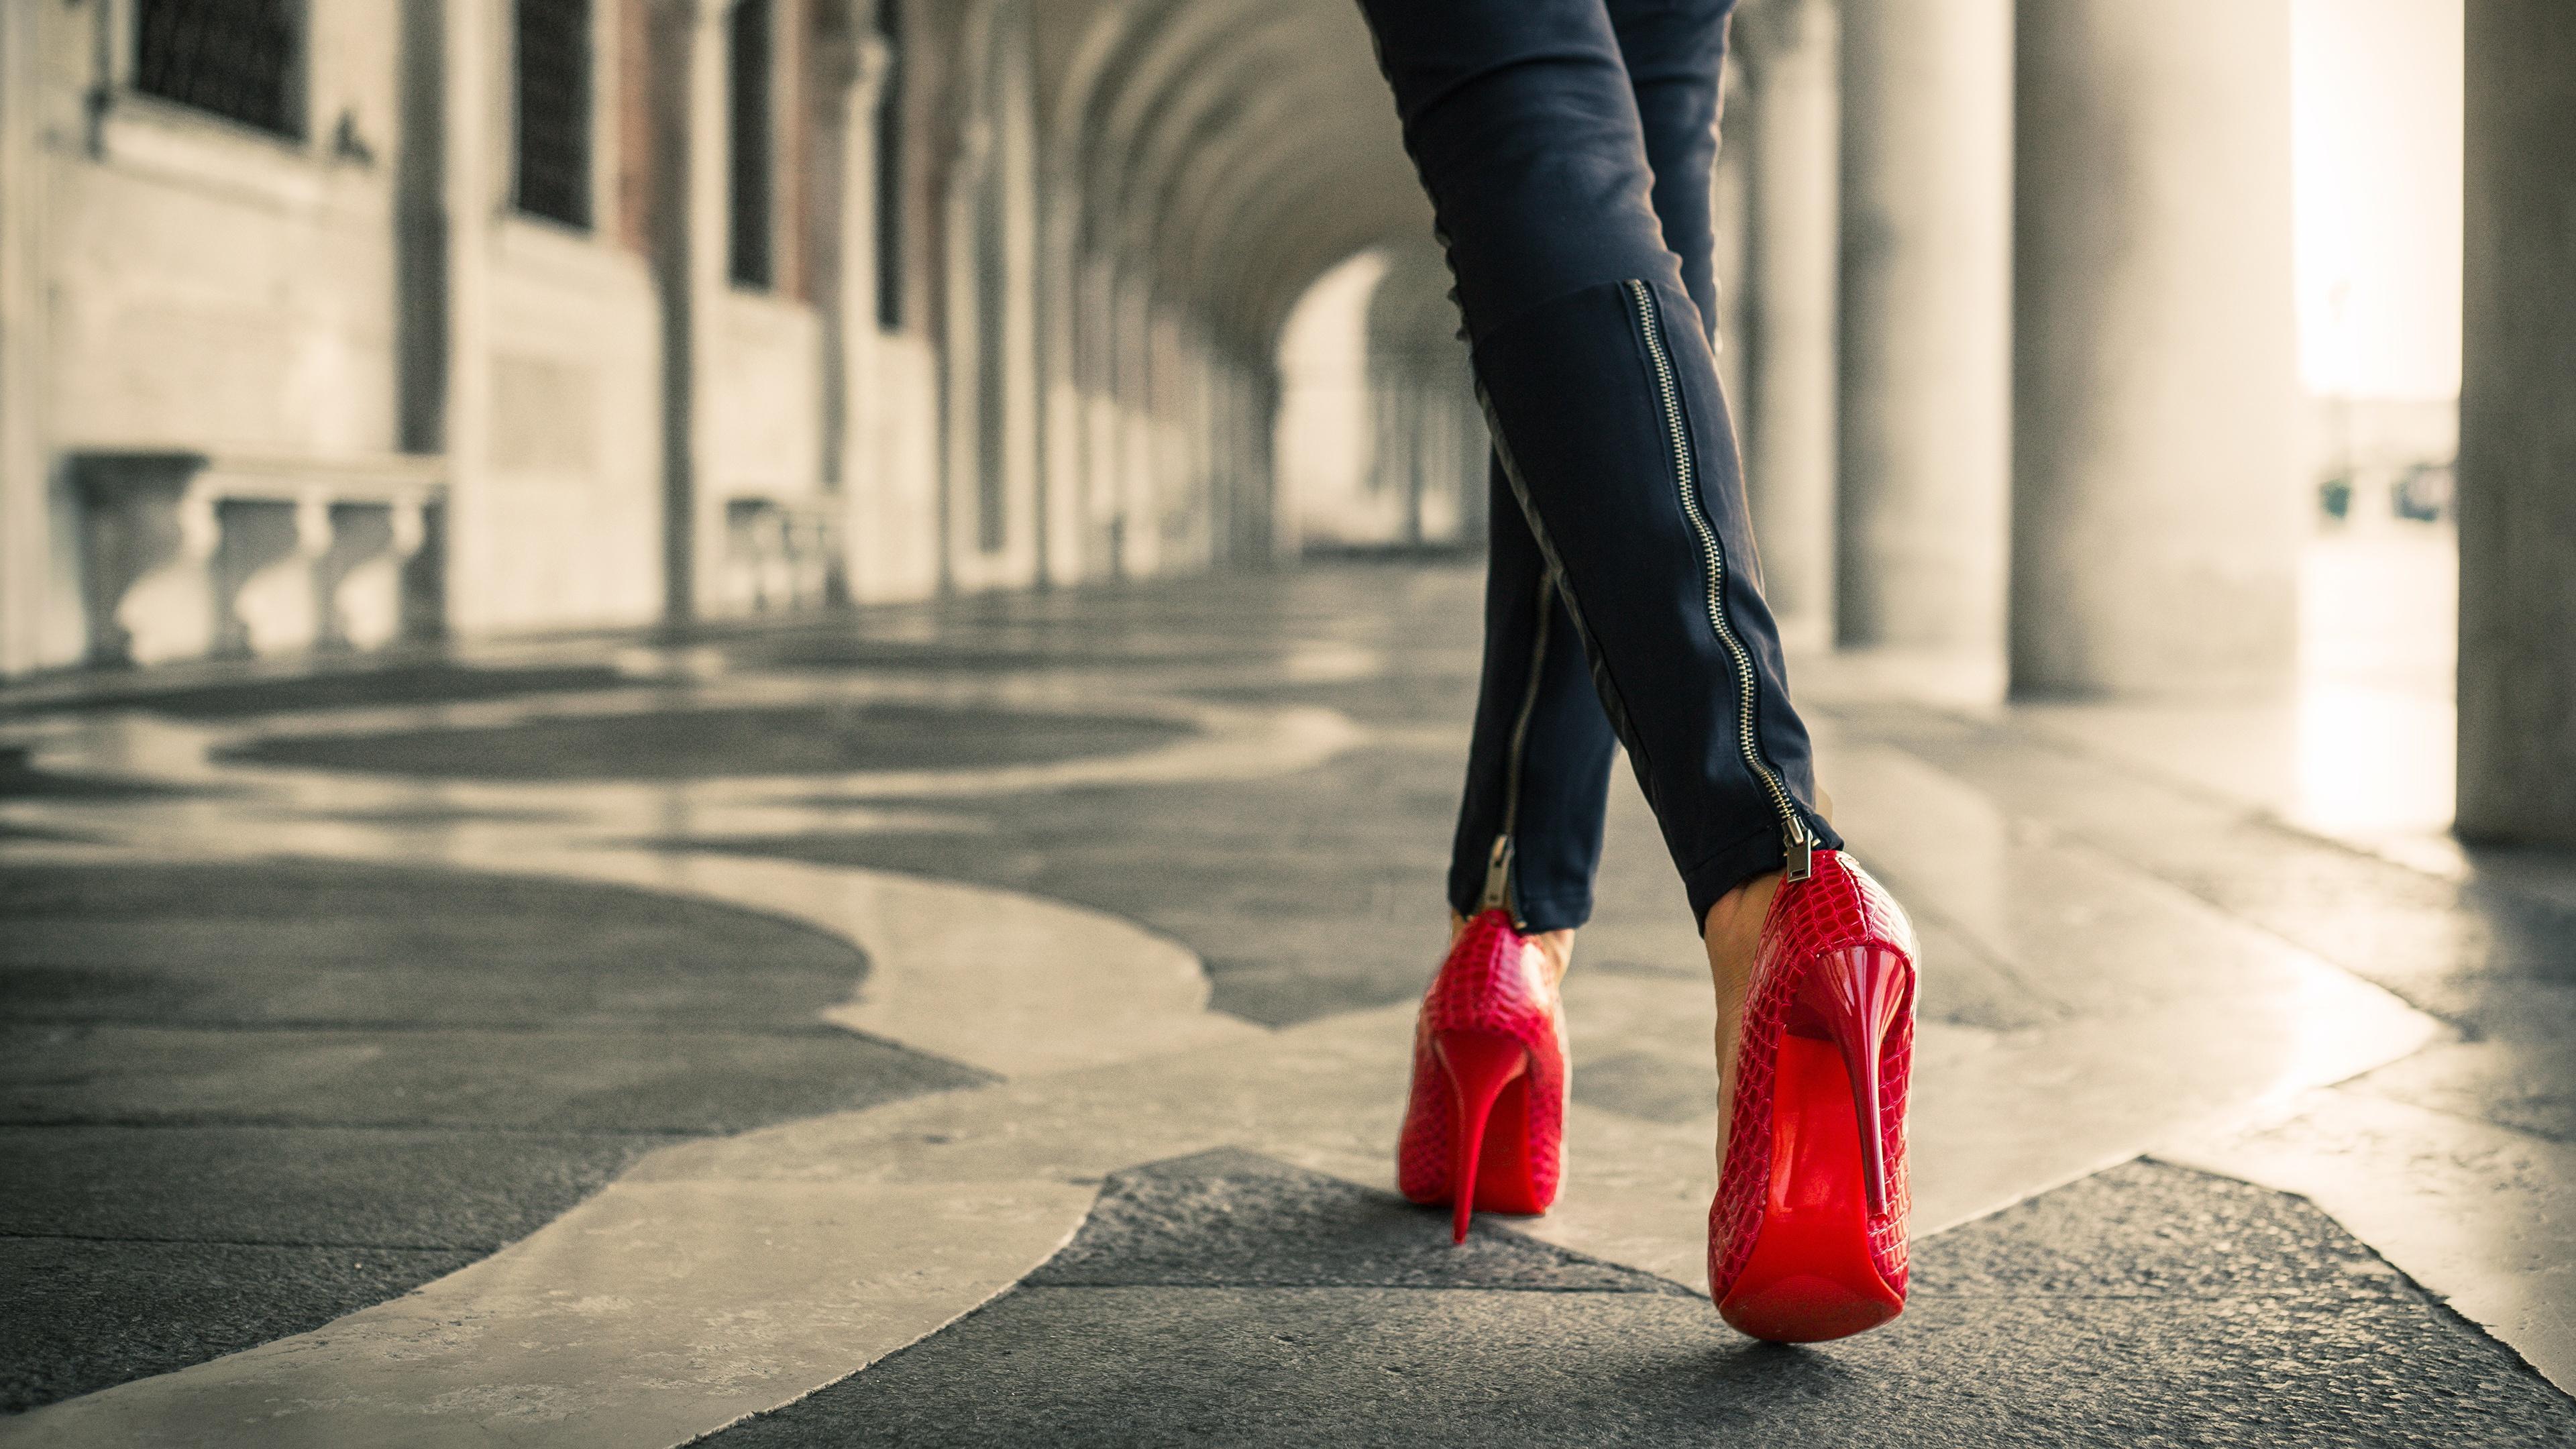 красная обувь  № 1506259 бесплатно